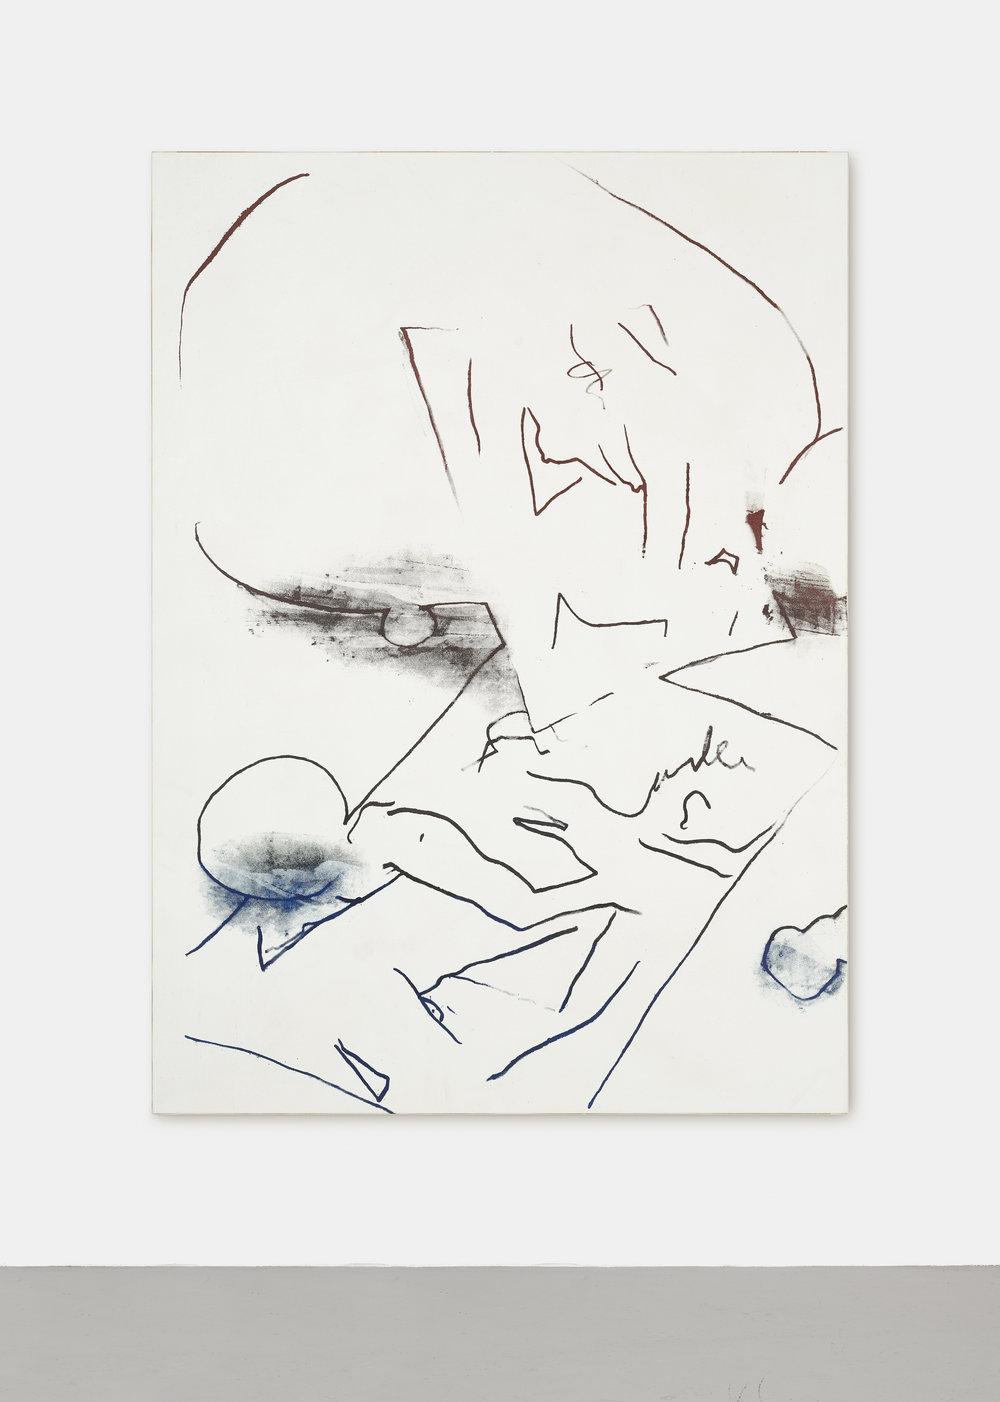 SCHWERKRAFT ALS PROBLEM DER MALEREI | 2017 - 2019 | Gouache Siebdruck, Acryl, Dammafirniss auf Leinwand | 180 x 130 cm | ©GALERIE ALBER